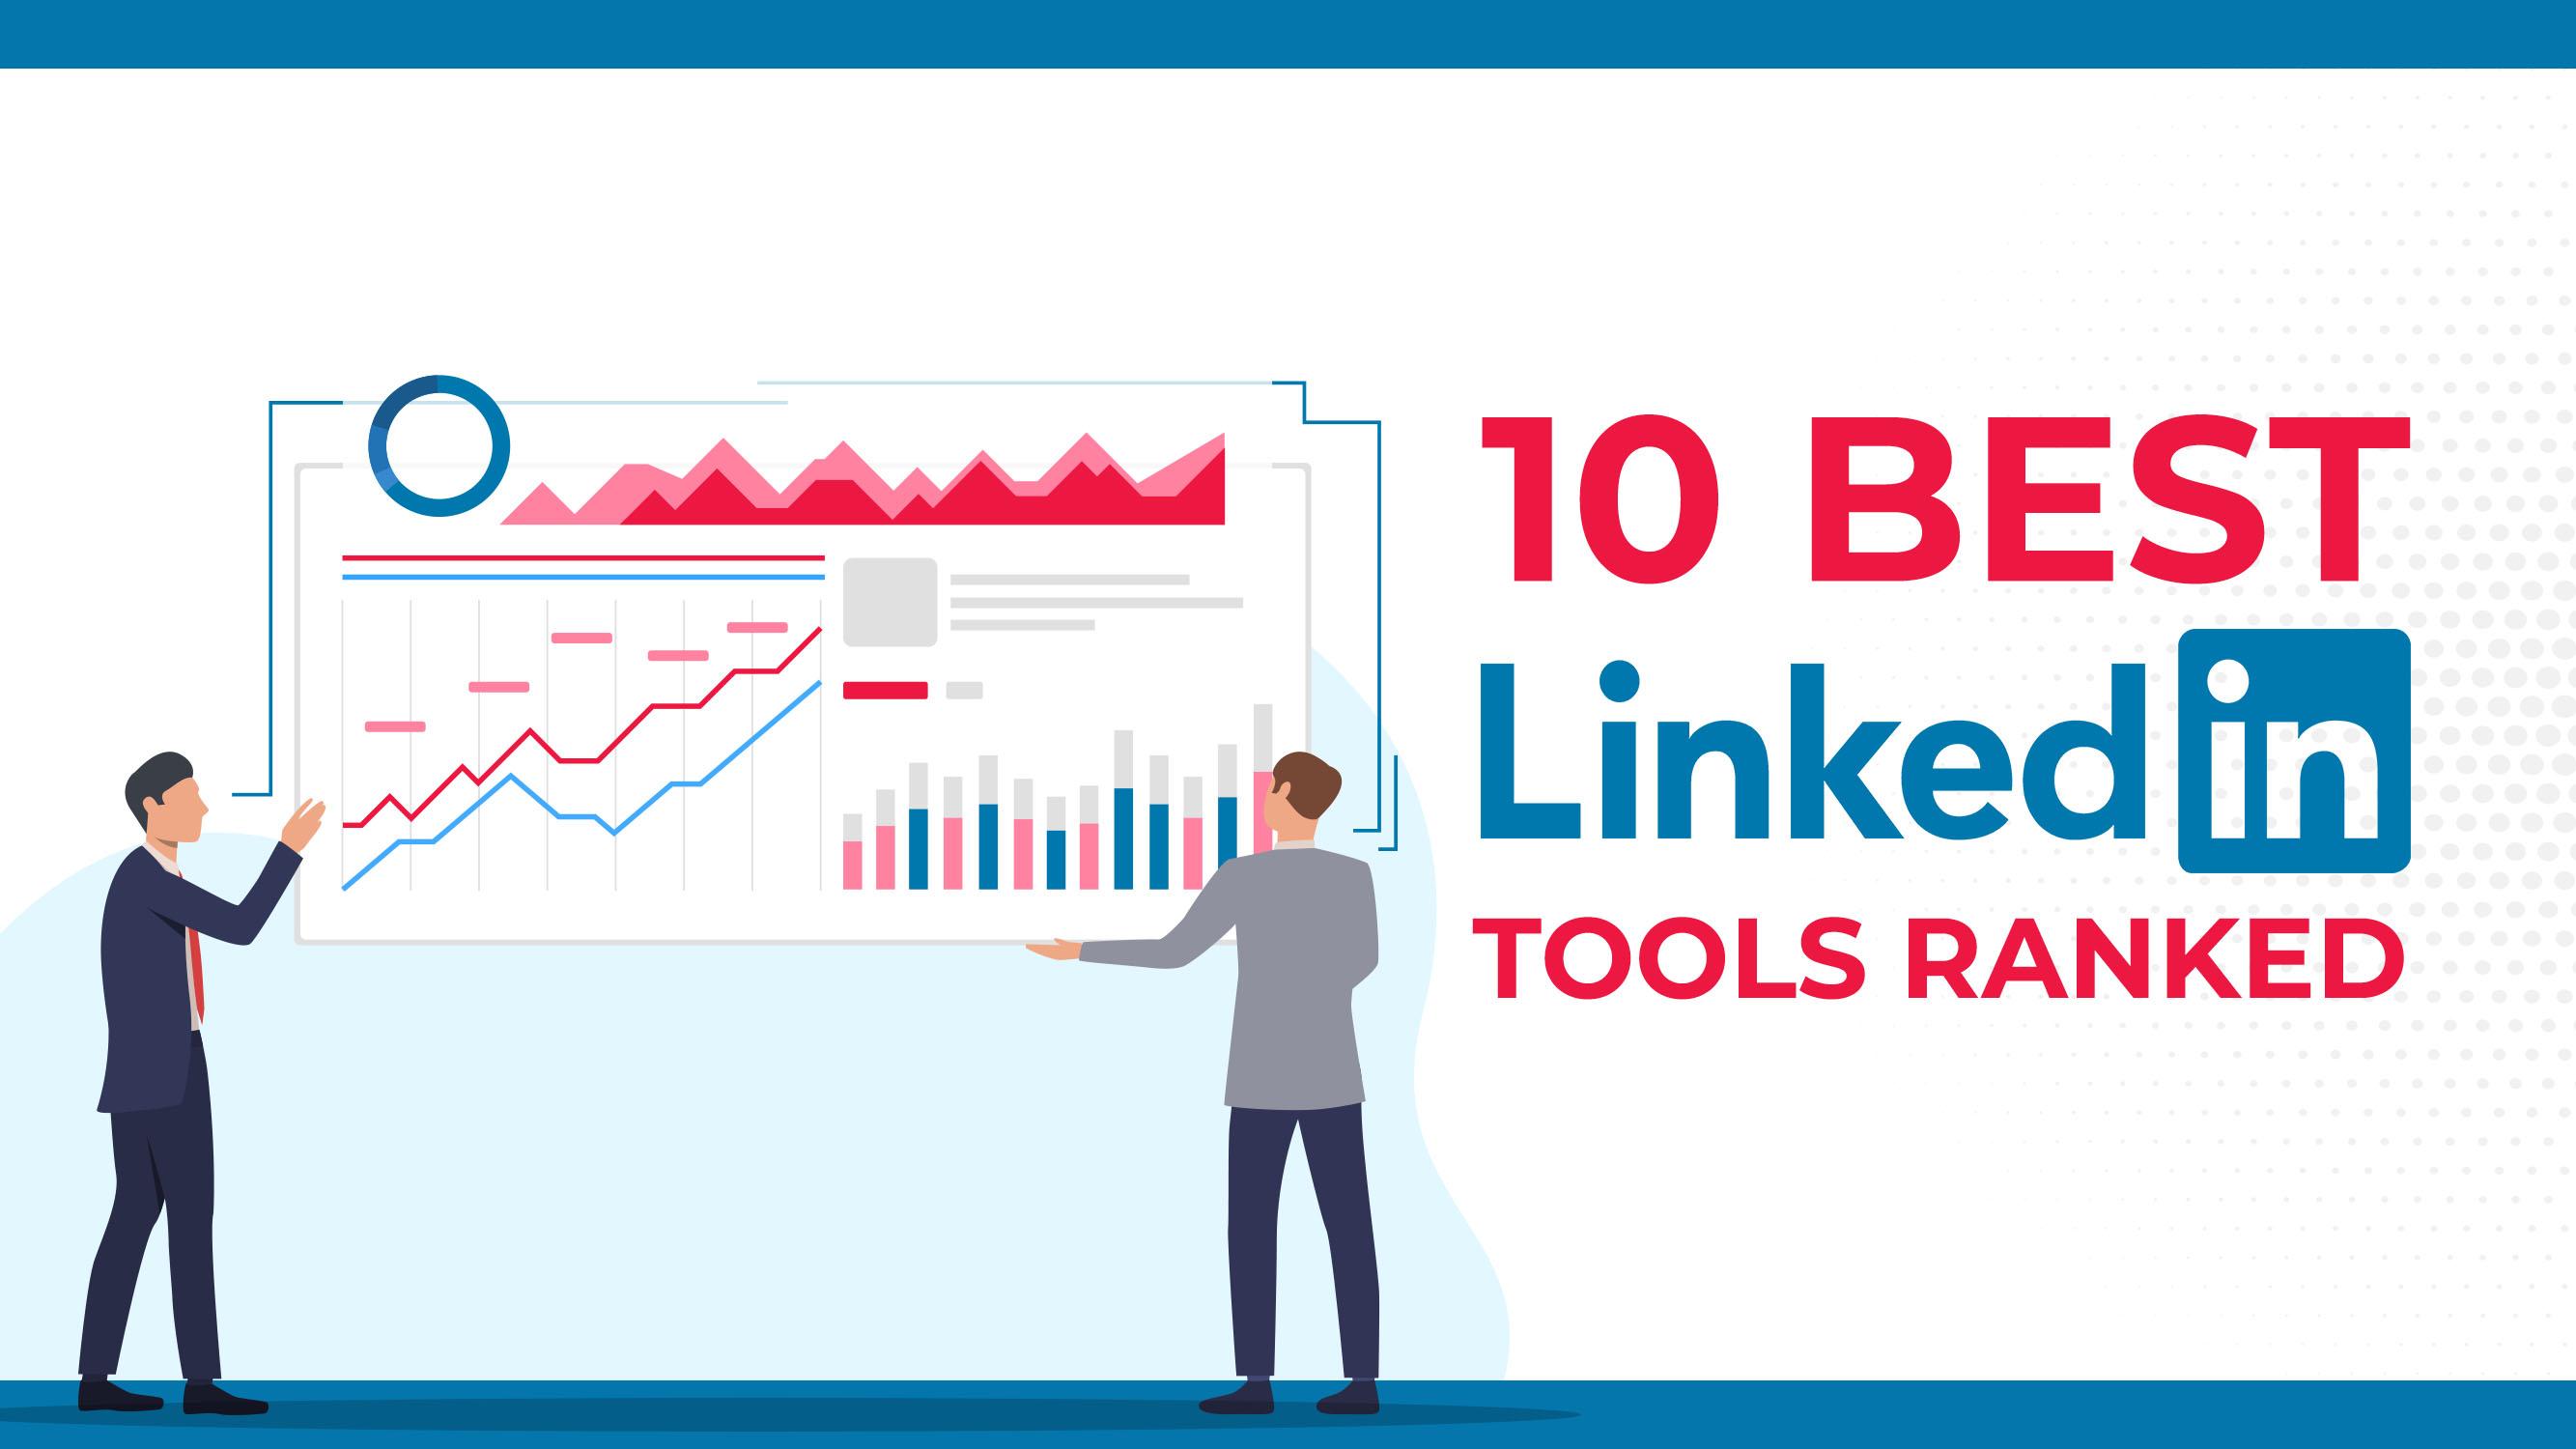 Les 10 meilleurs outils LinkedIn, classés